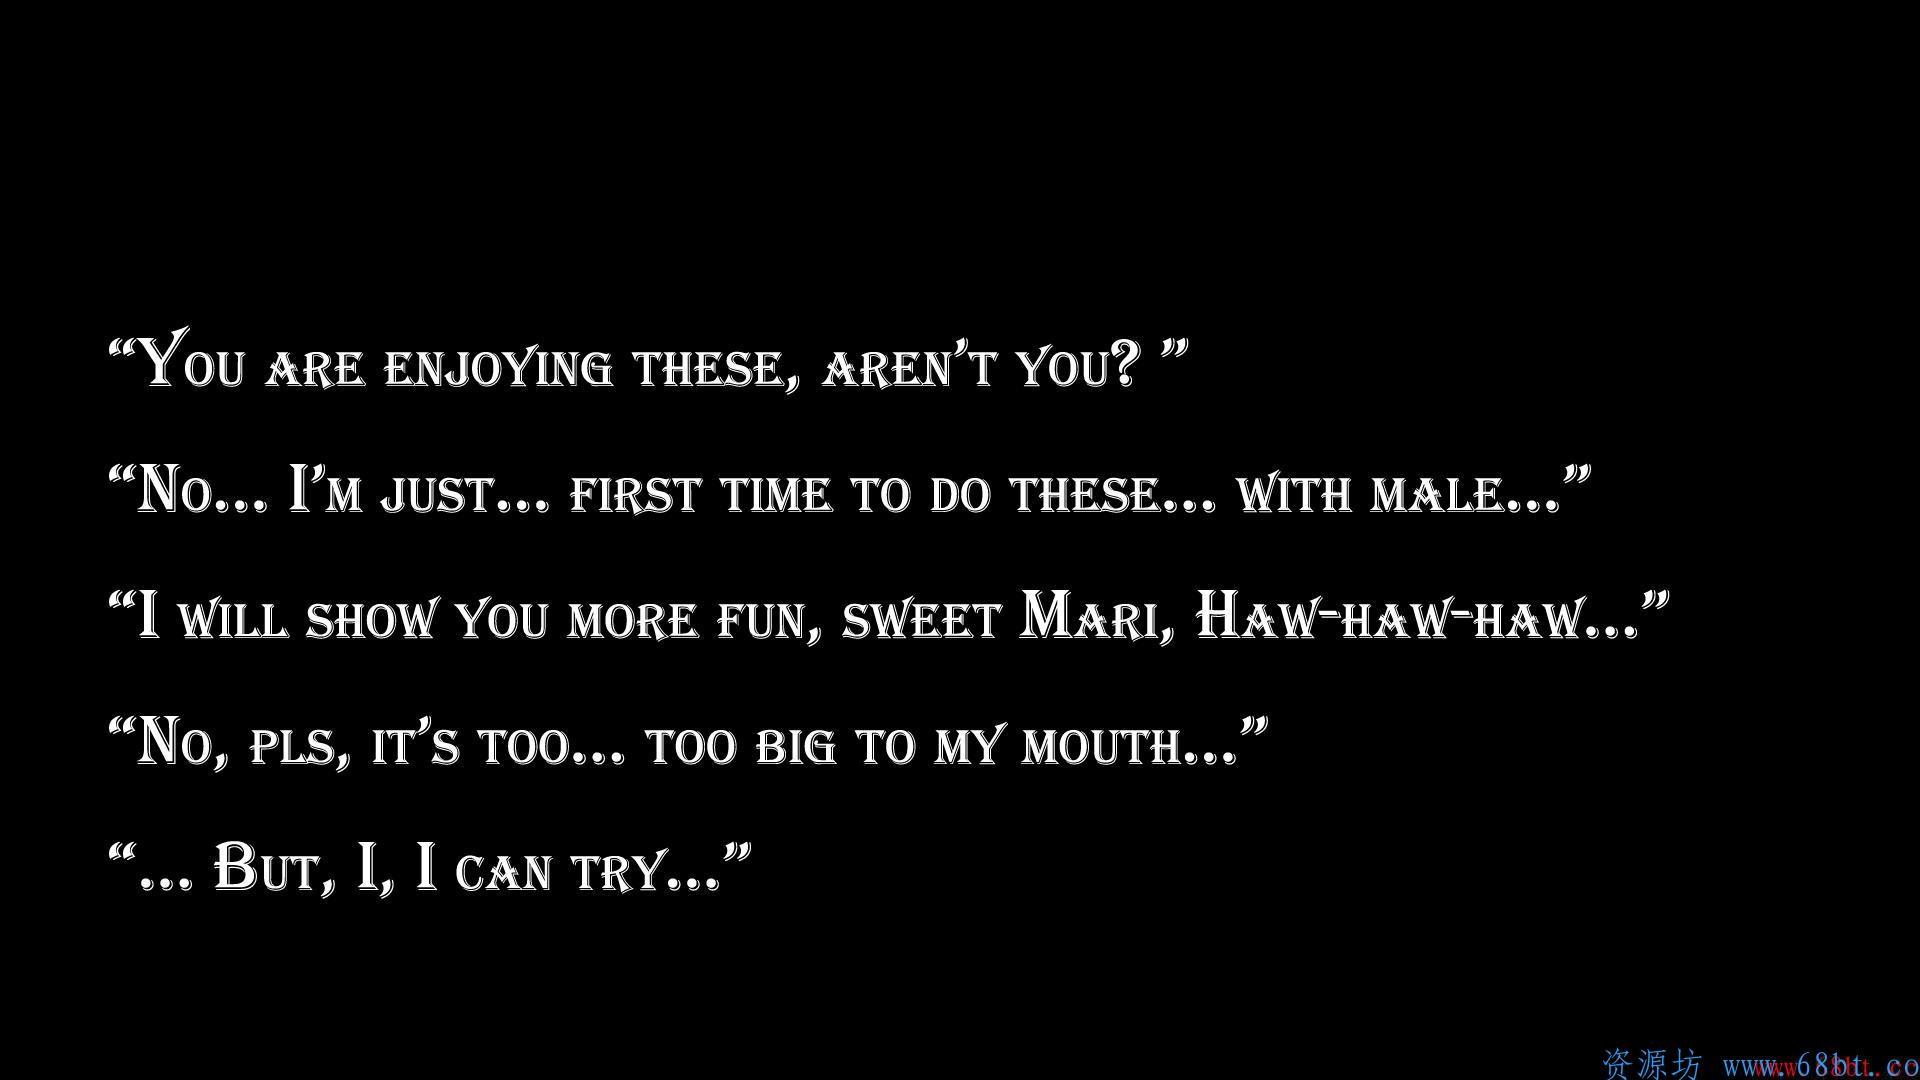 [同人CG集] [Heroineism] Photographic Record of Raped Mari,39_Subtitle.jpg,第30张